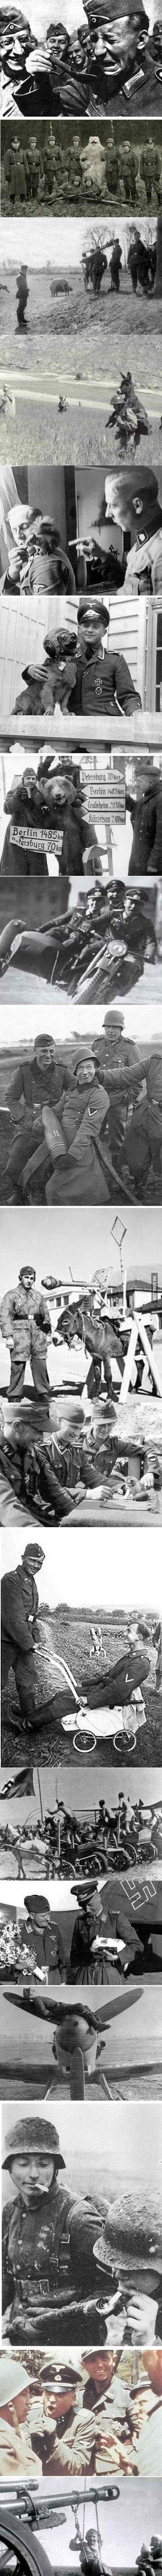 Старые, немецкие,трофейные, военные фотографии